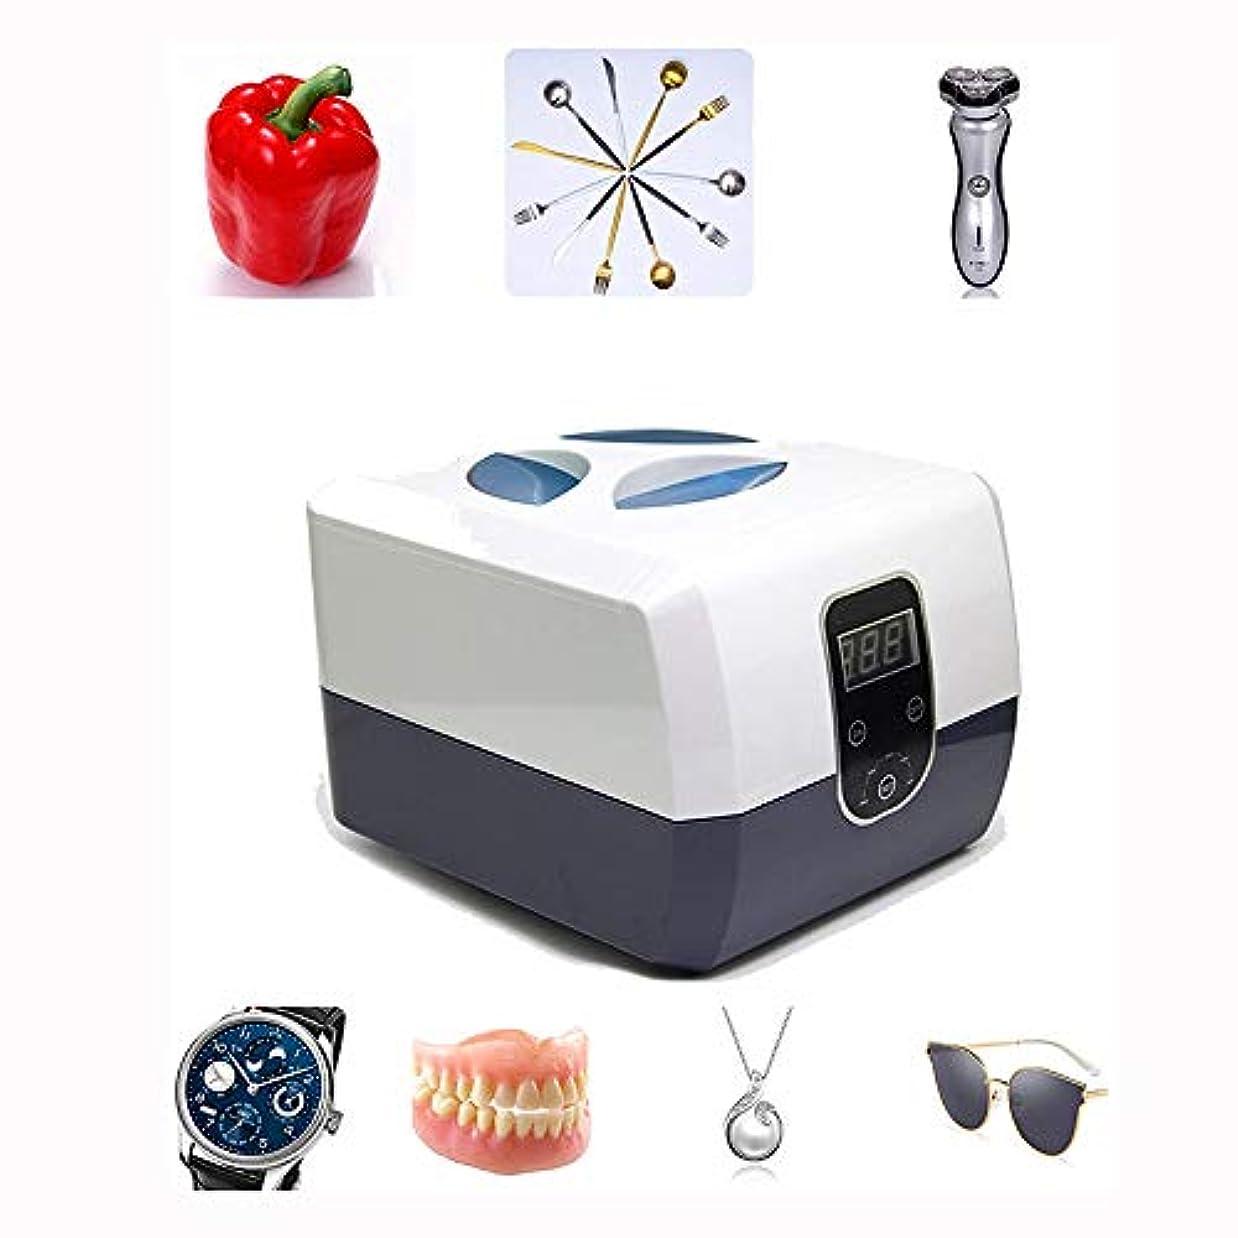 泣き叫ぶシフト温度消毒機は、髪のツール/ネイルマニキュアを設定/歯科衛生キットなどを殺菌するための殺菌に最適ネイル